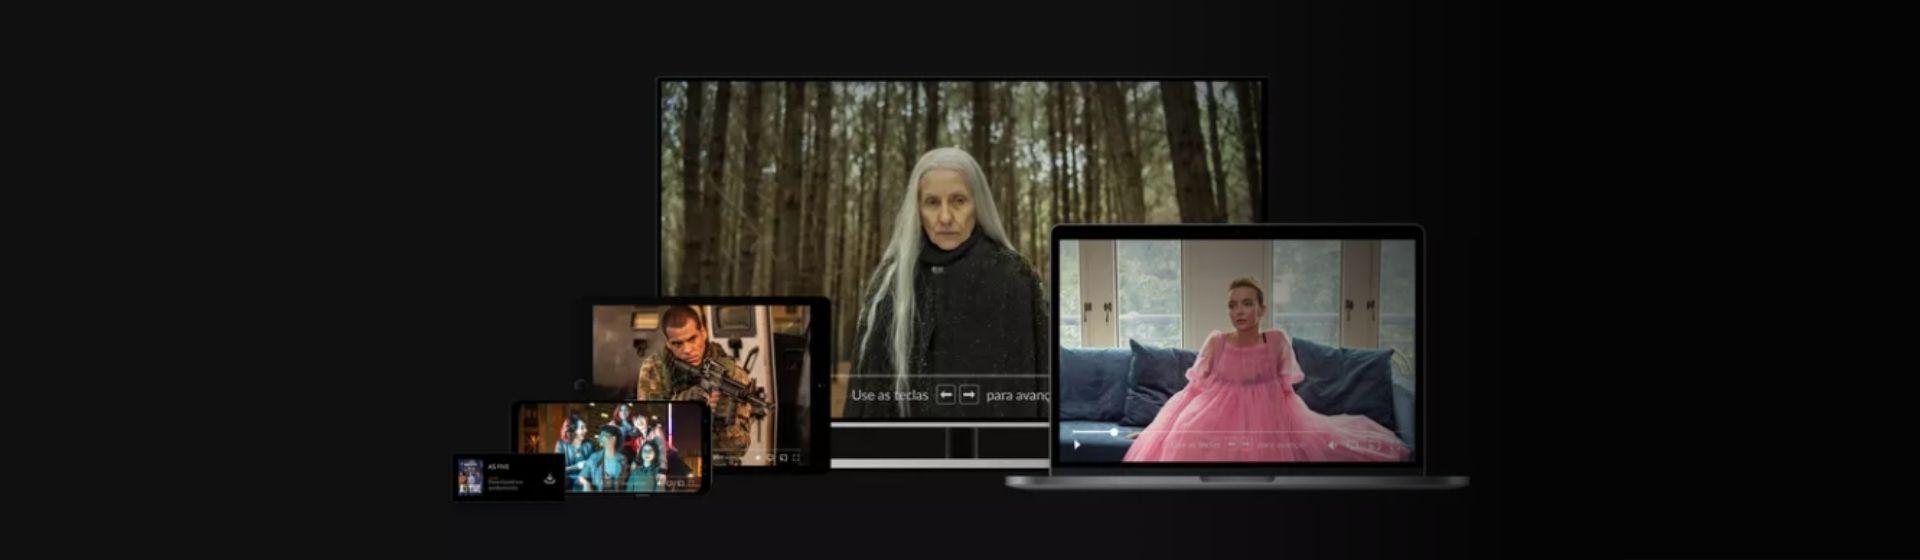 Como assistir Globo ao vivo online grátis?